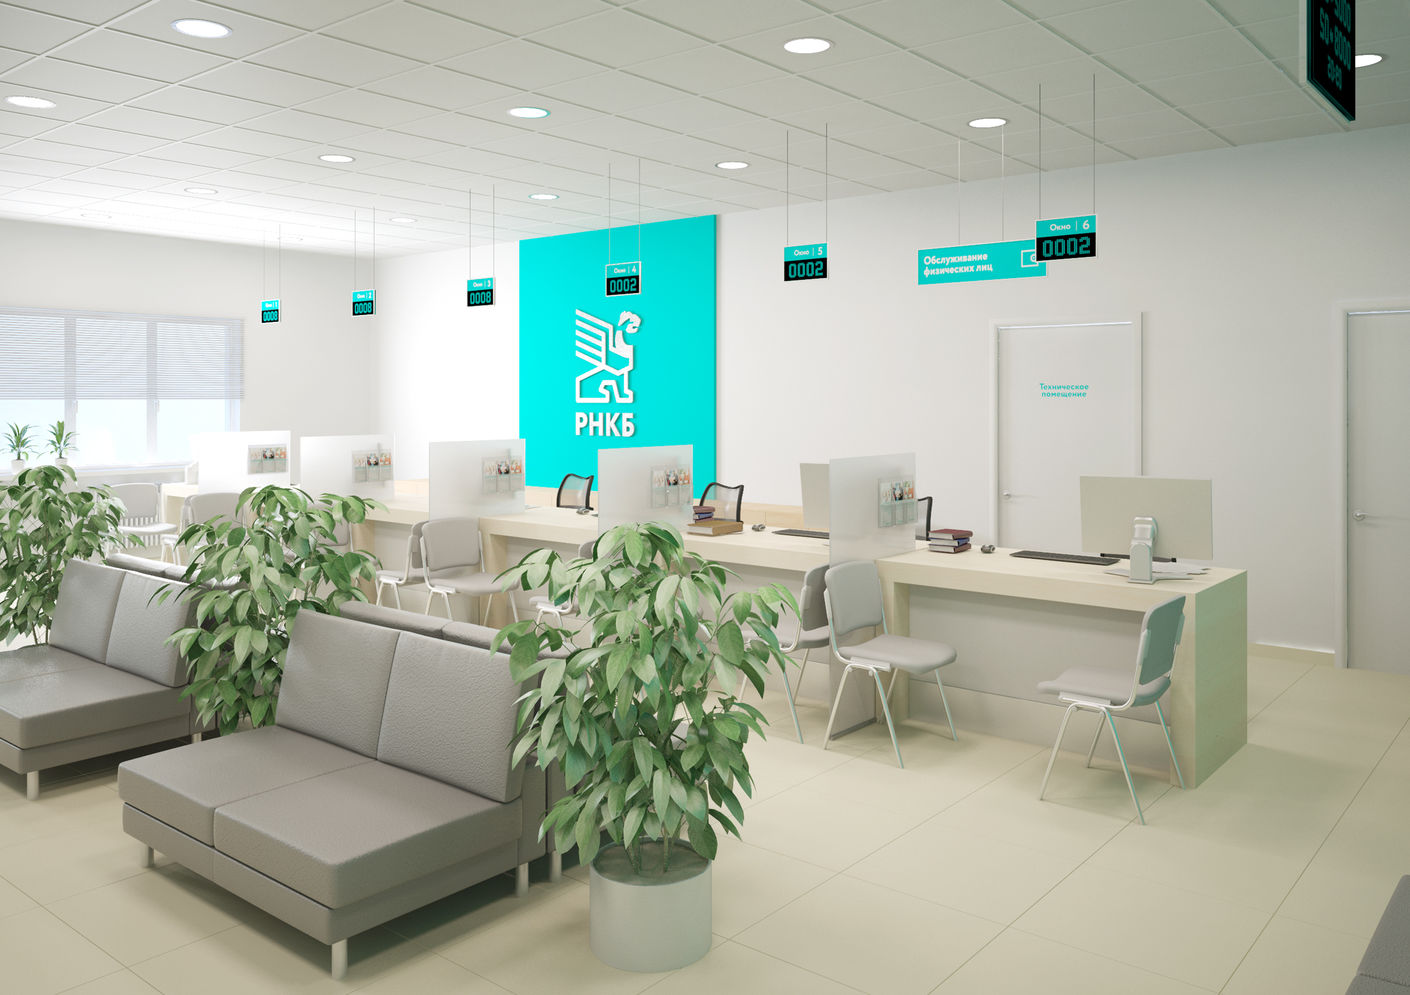 Разработка фирменного стиля для банка РНКБ - hsedesignlab.ru